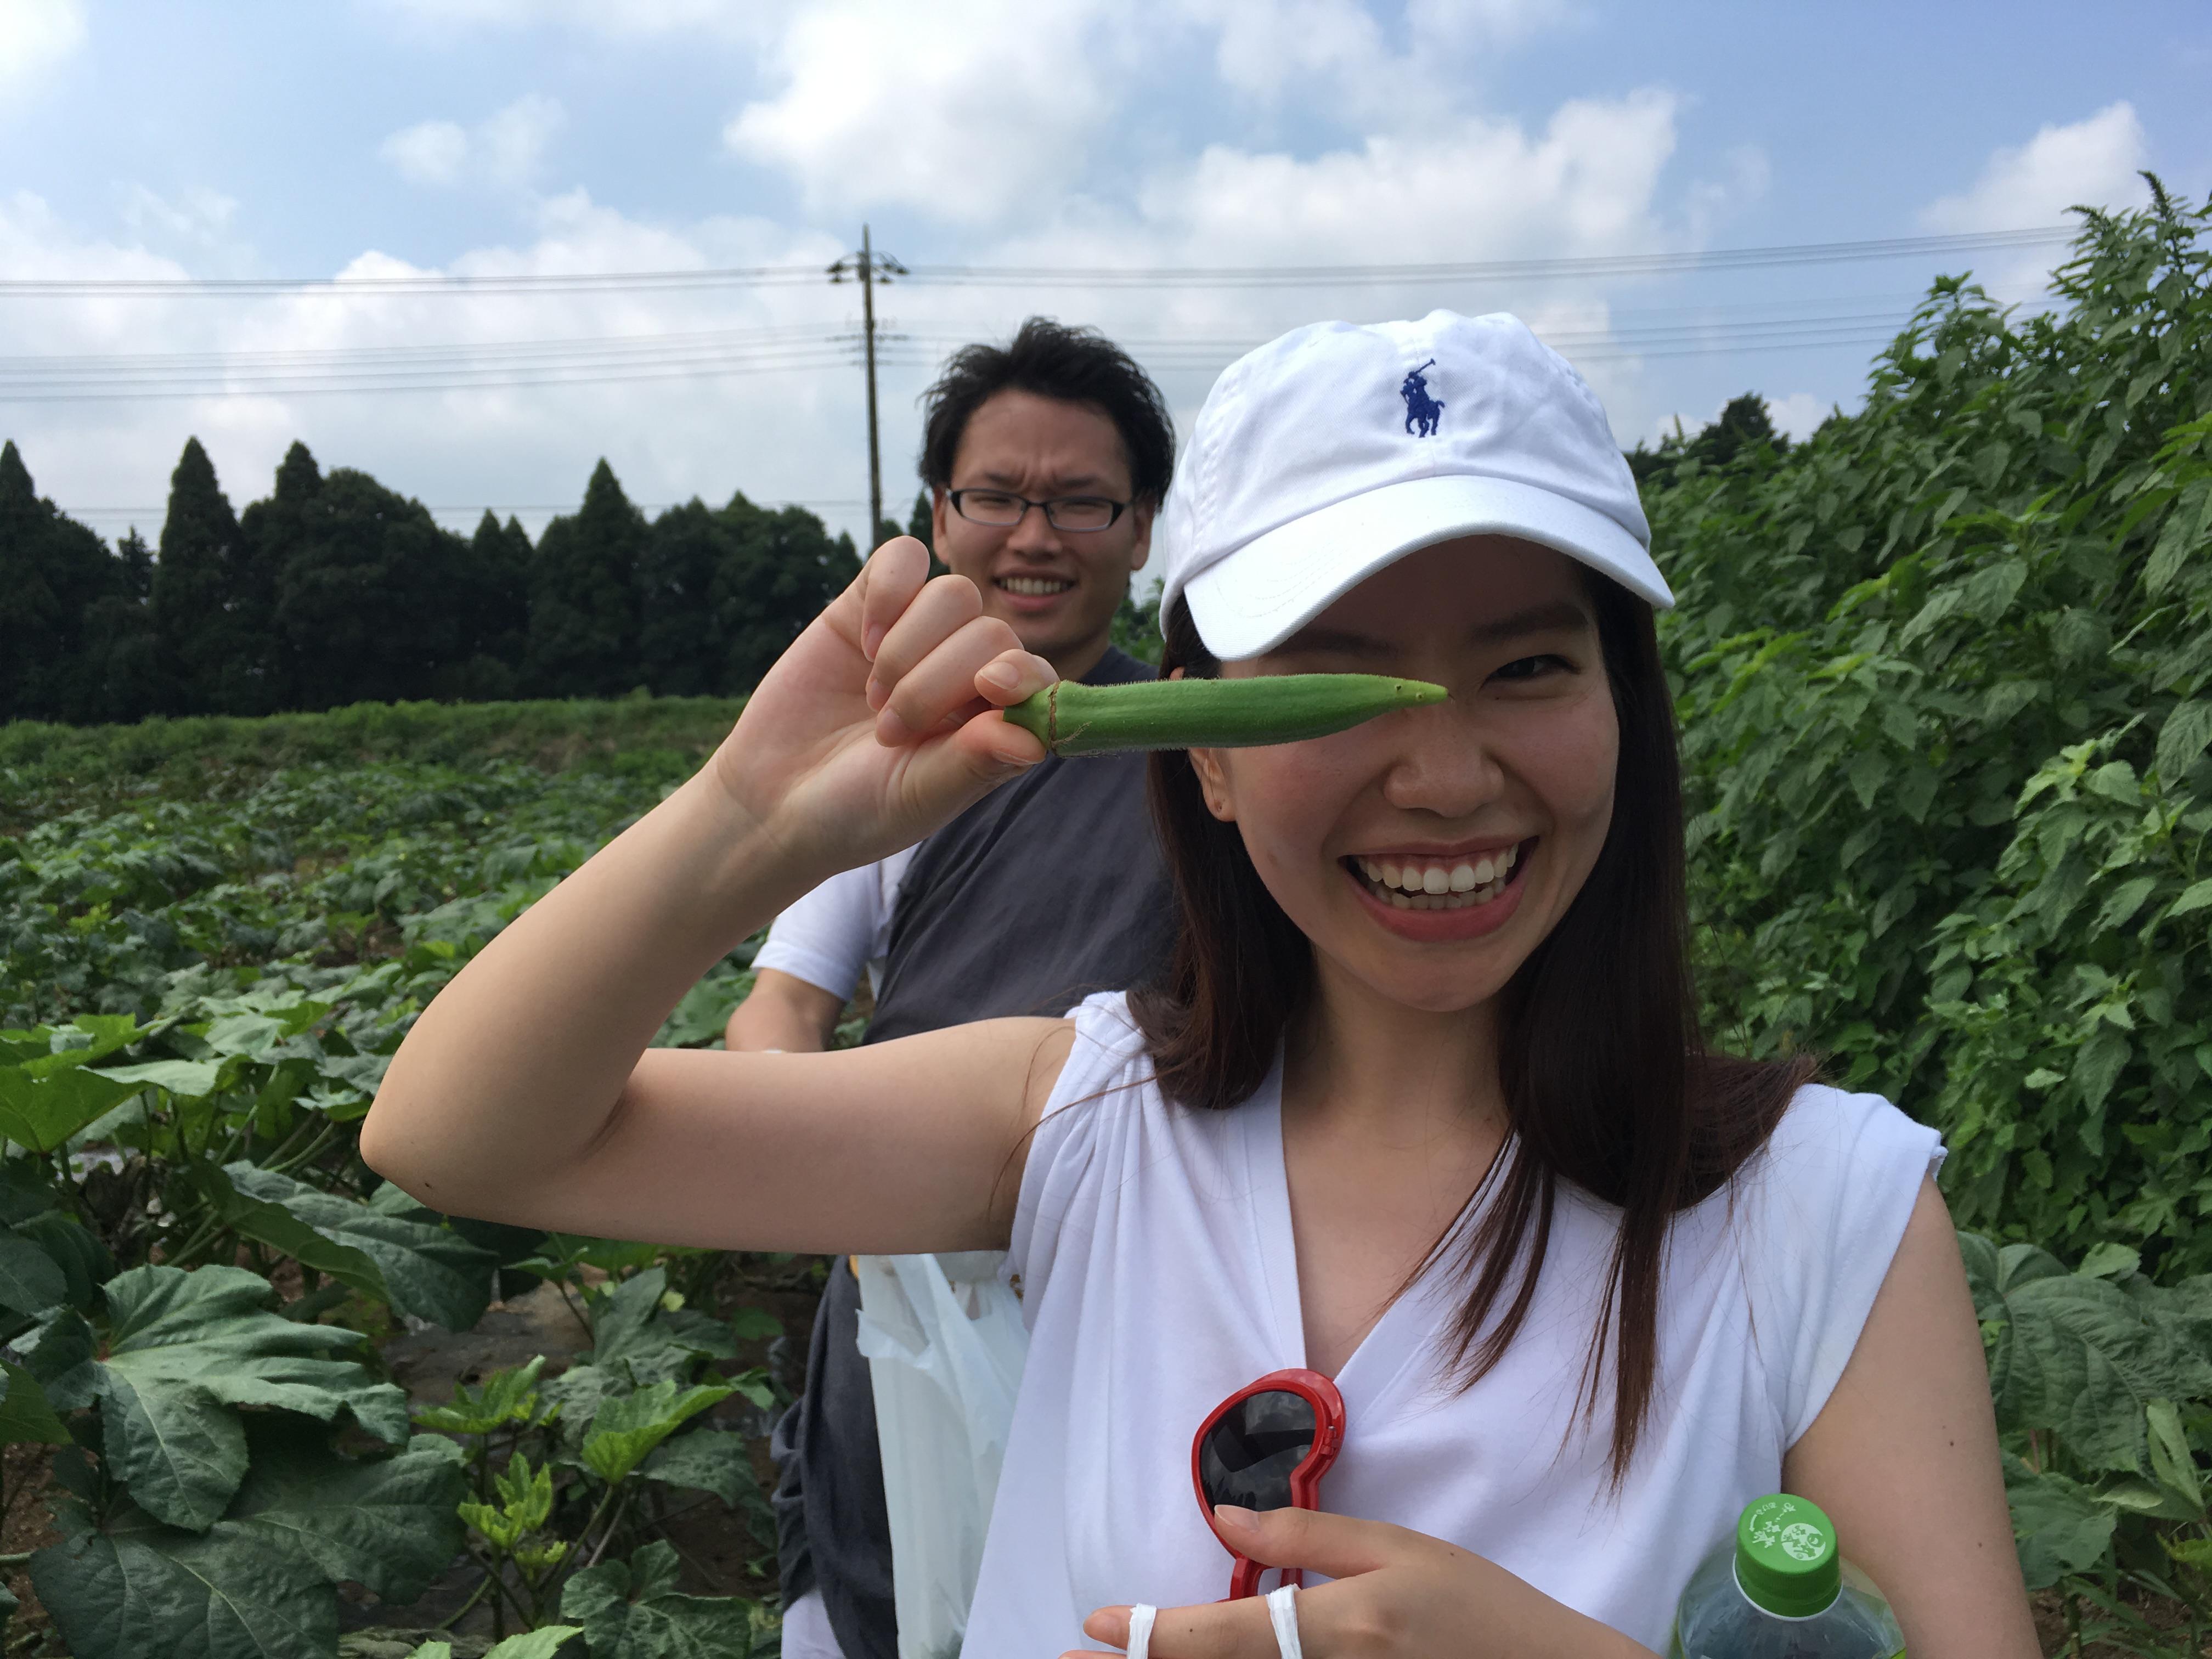 私たちの仕事は、日本が抱える社会問題を解決する仕事。